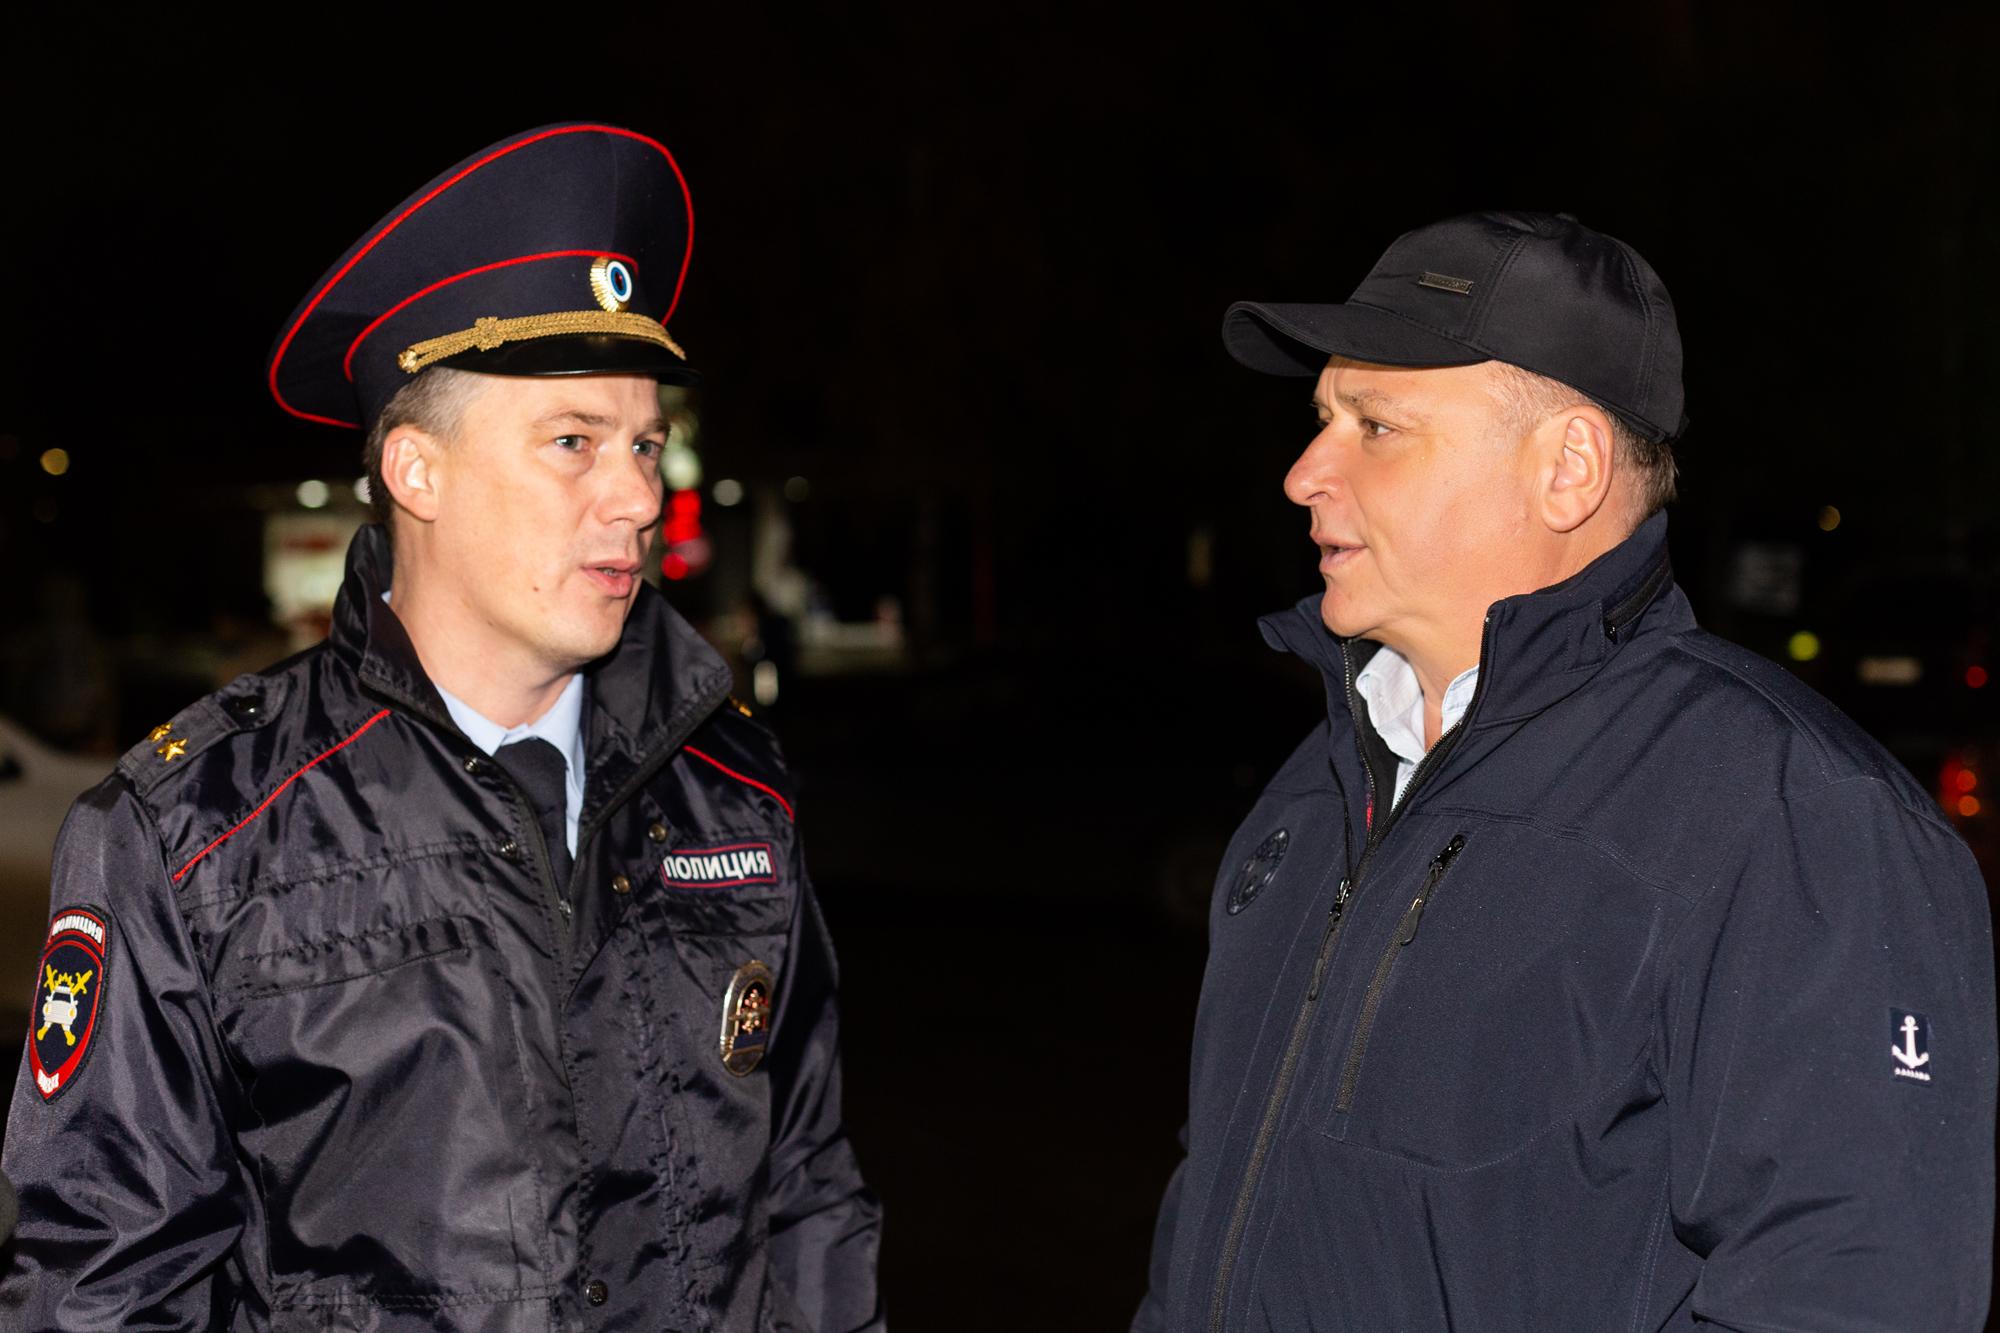 Олег Валенчук: Кировские дороги должны быть безопасными